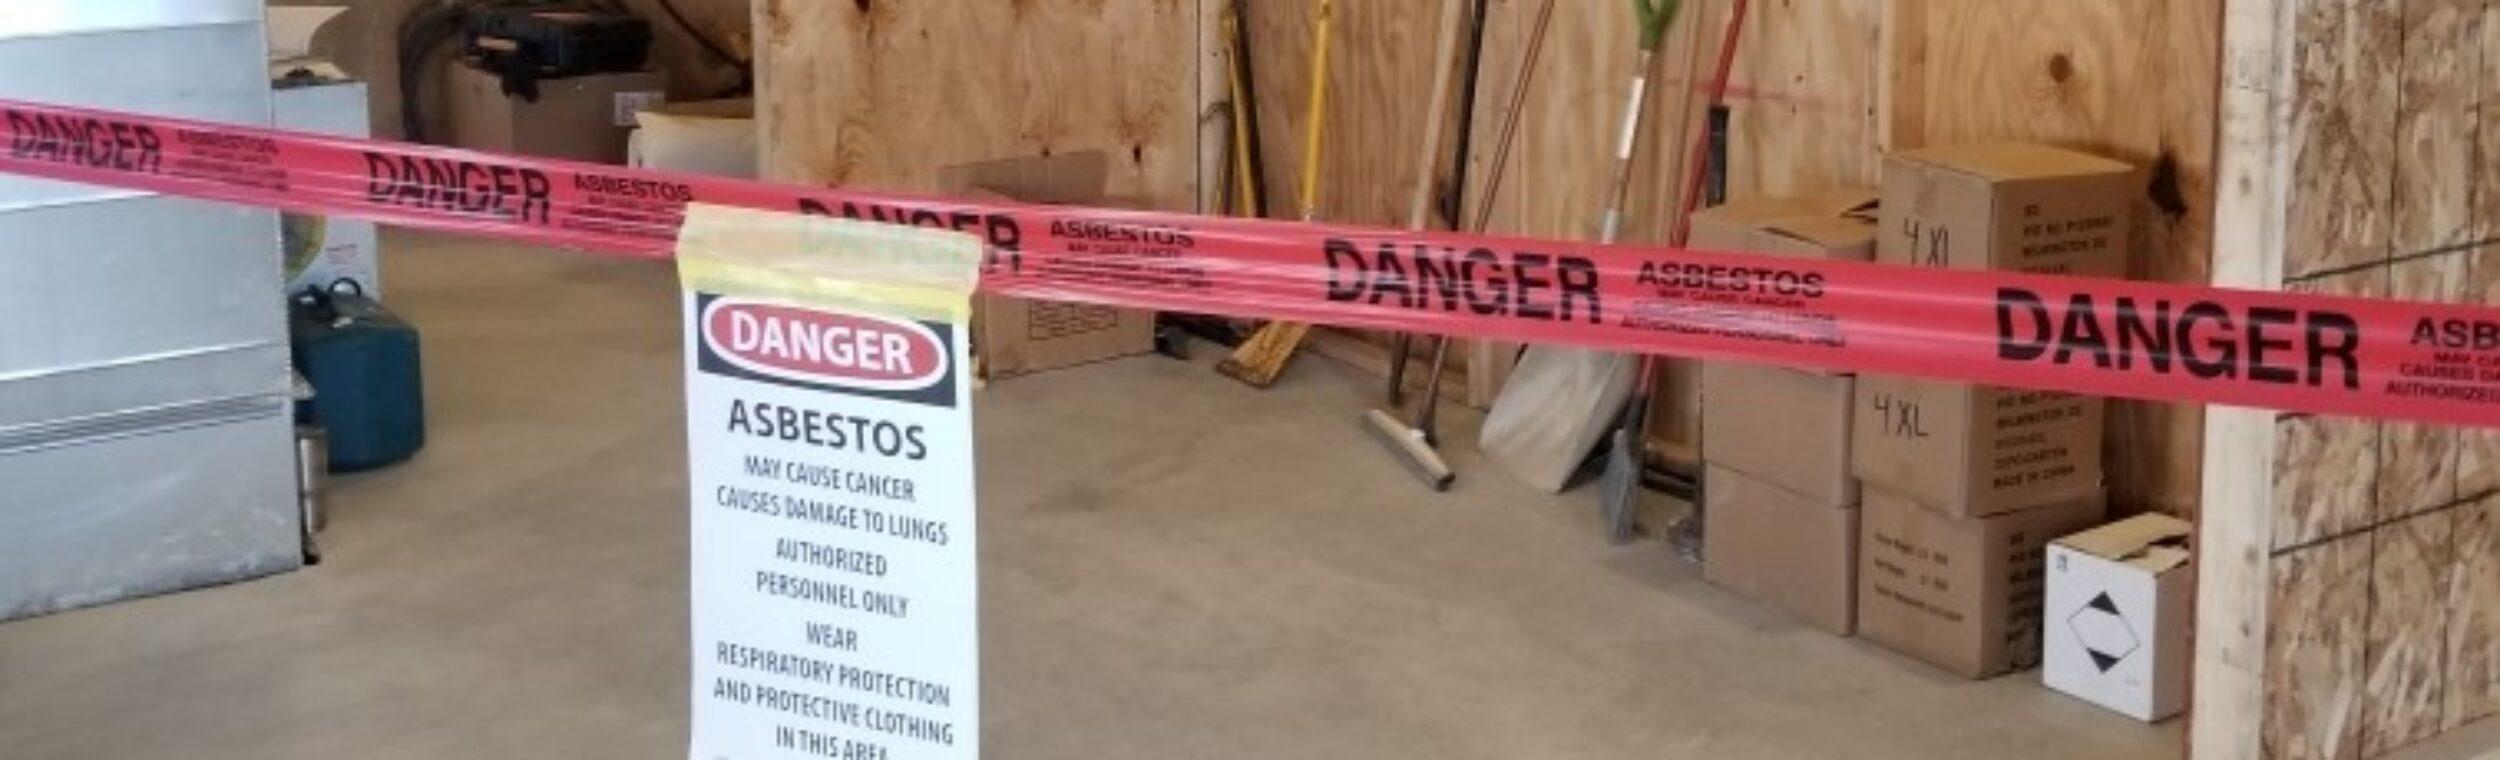 Asbestos Contaminated Demolition Central Ny 3